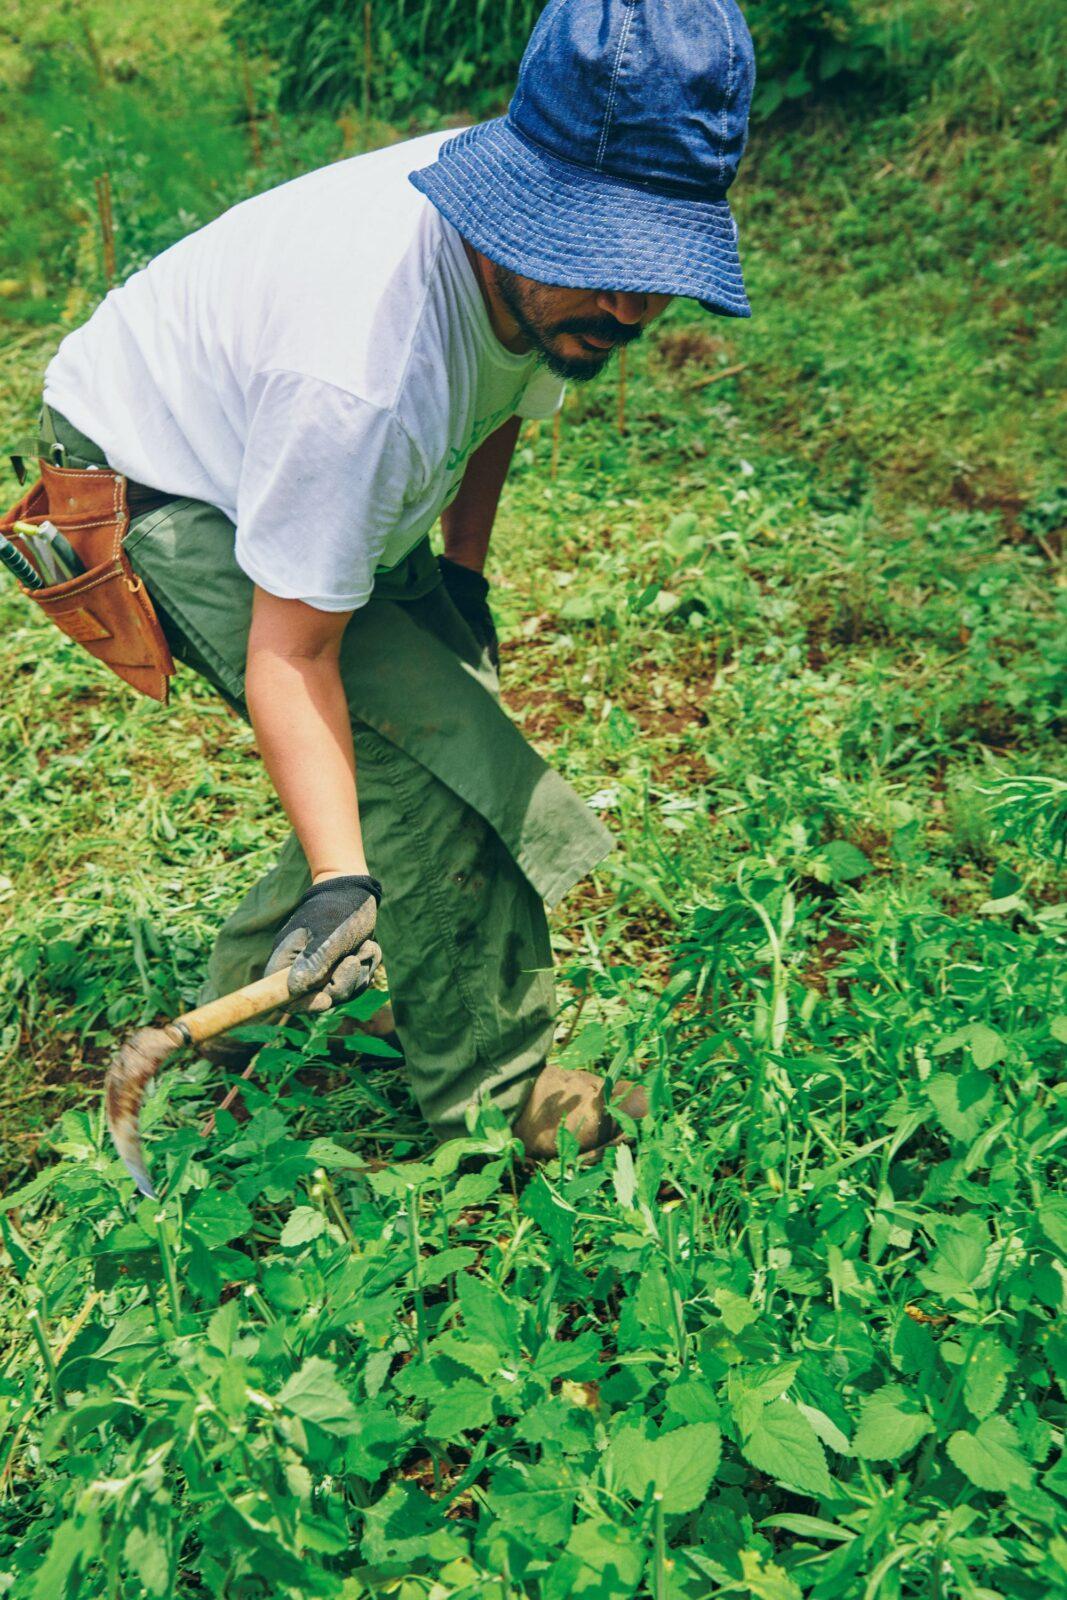 """通常の畑仕事に必要なのは雑草を刈る""""ノコ鎌""""一本。瀬川さんは山梨〈野風草〉の舘野昌也さんに自然農を学んだ。"""